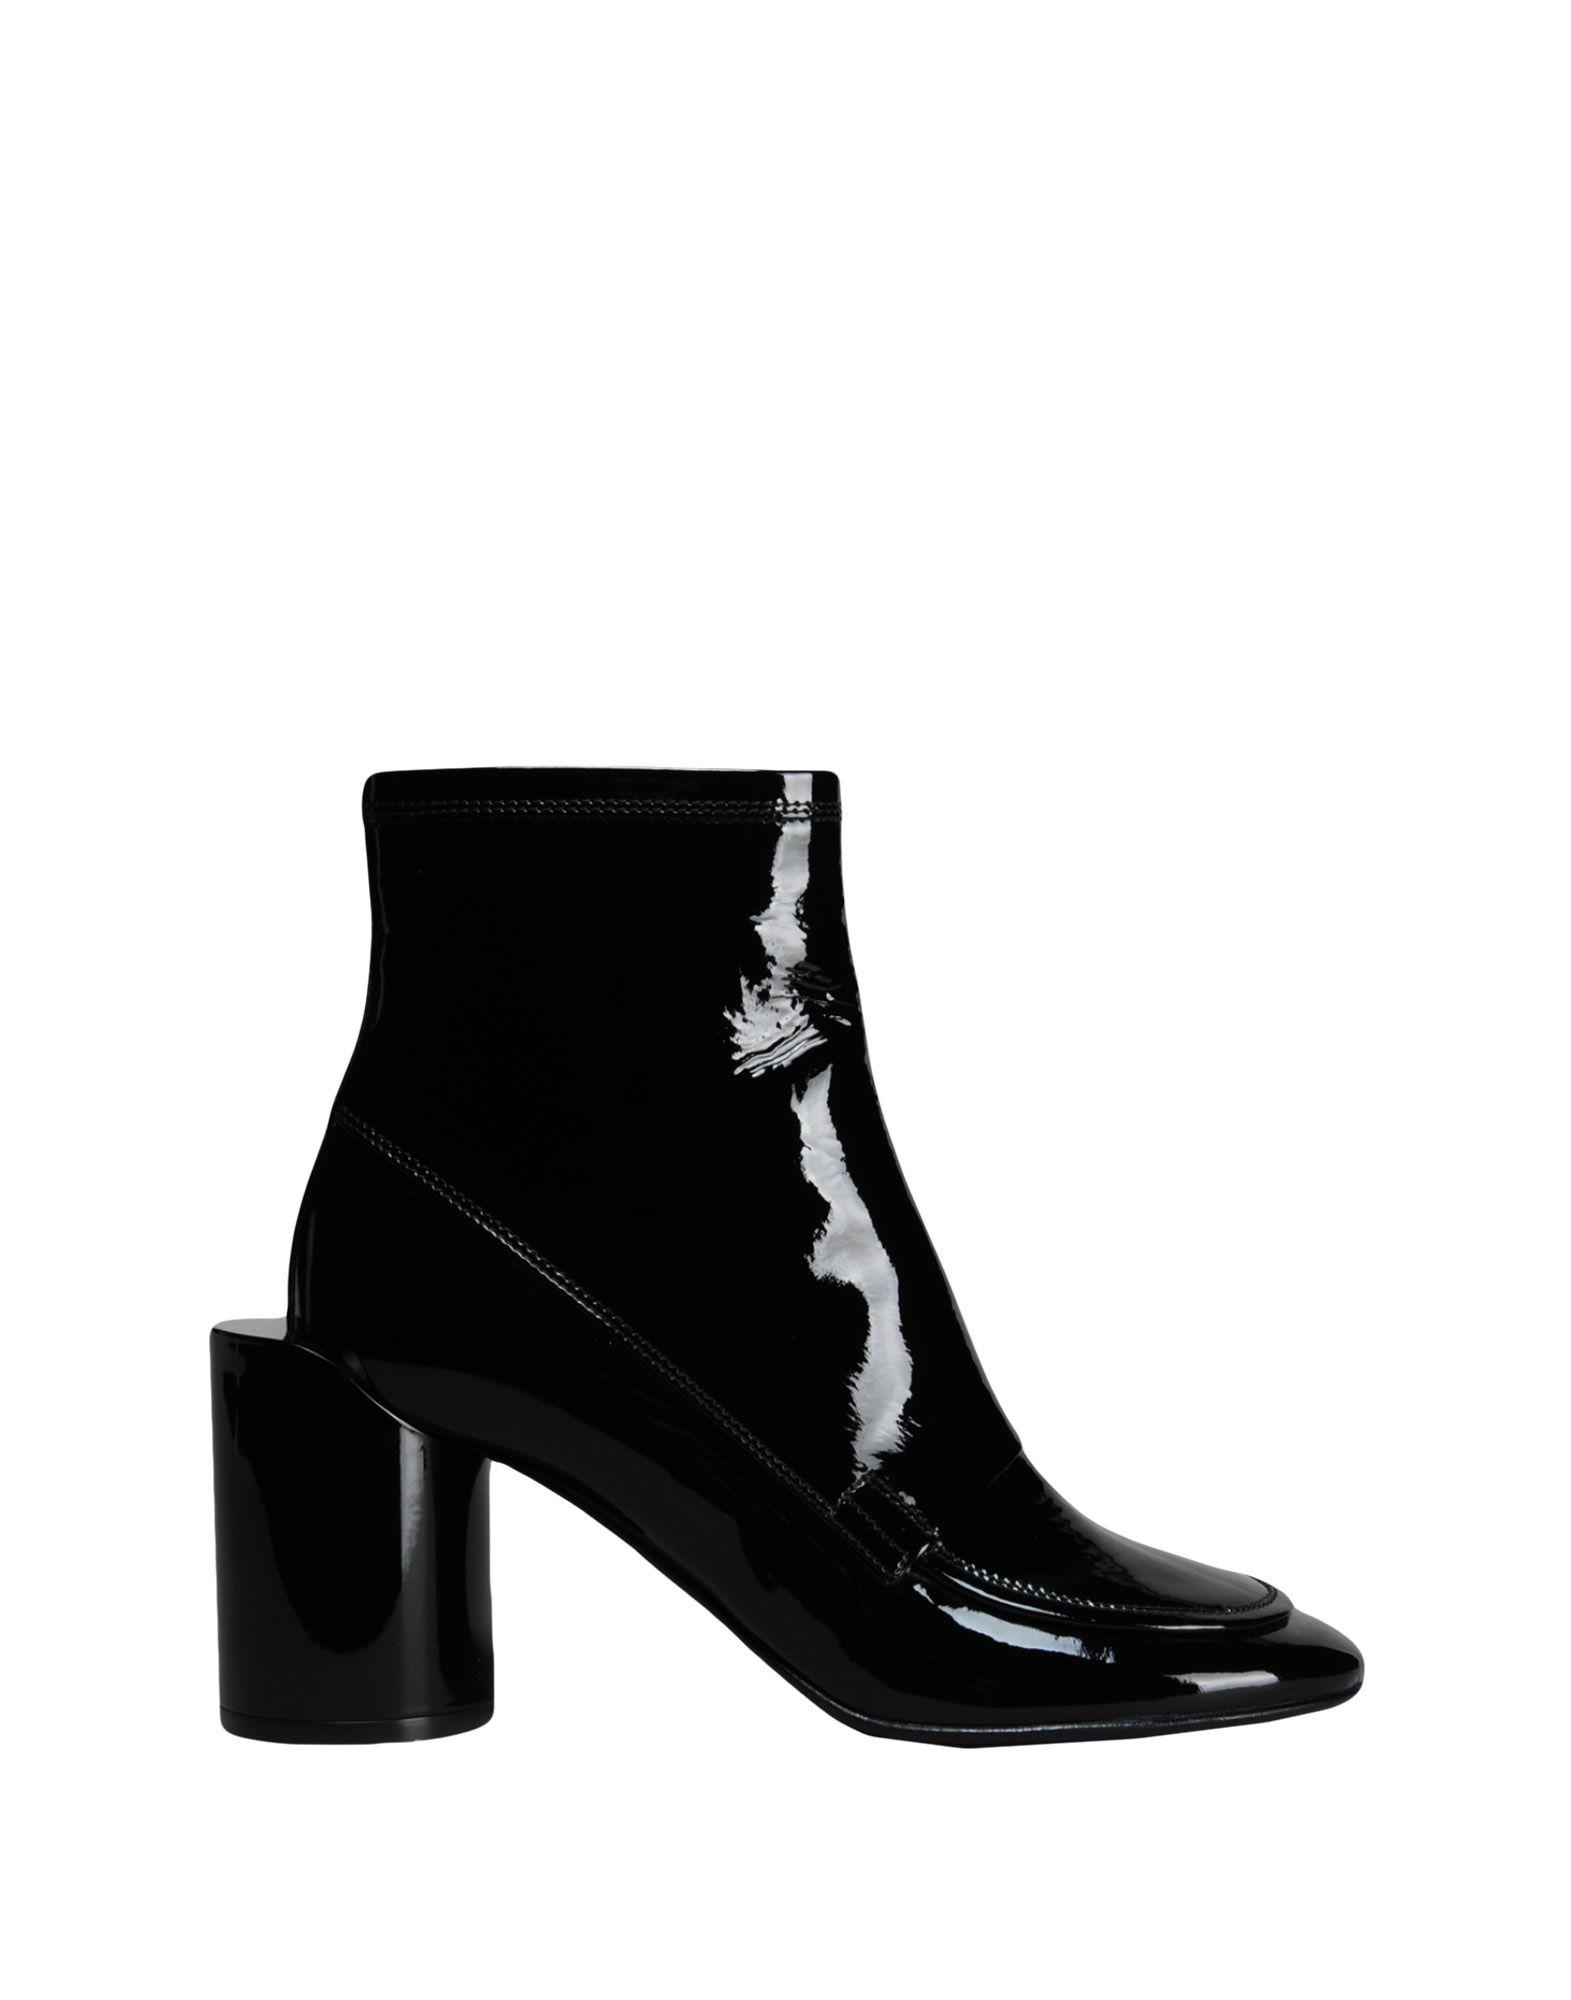 Maison Margiela Stiefelette aussehende Damen  11315013OUGünstige gut aussehende Stiefelette Schuhe 75cf23